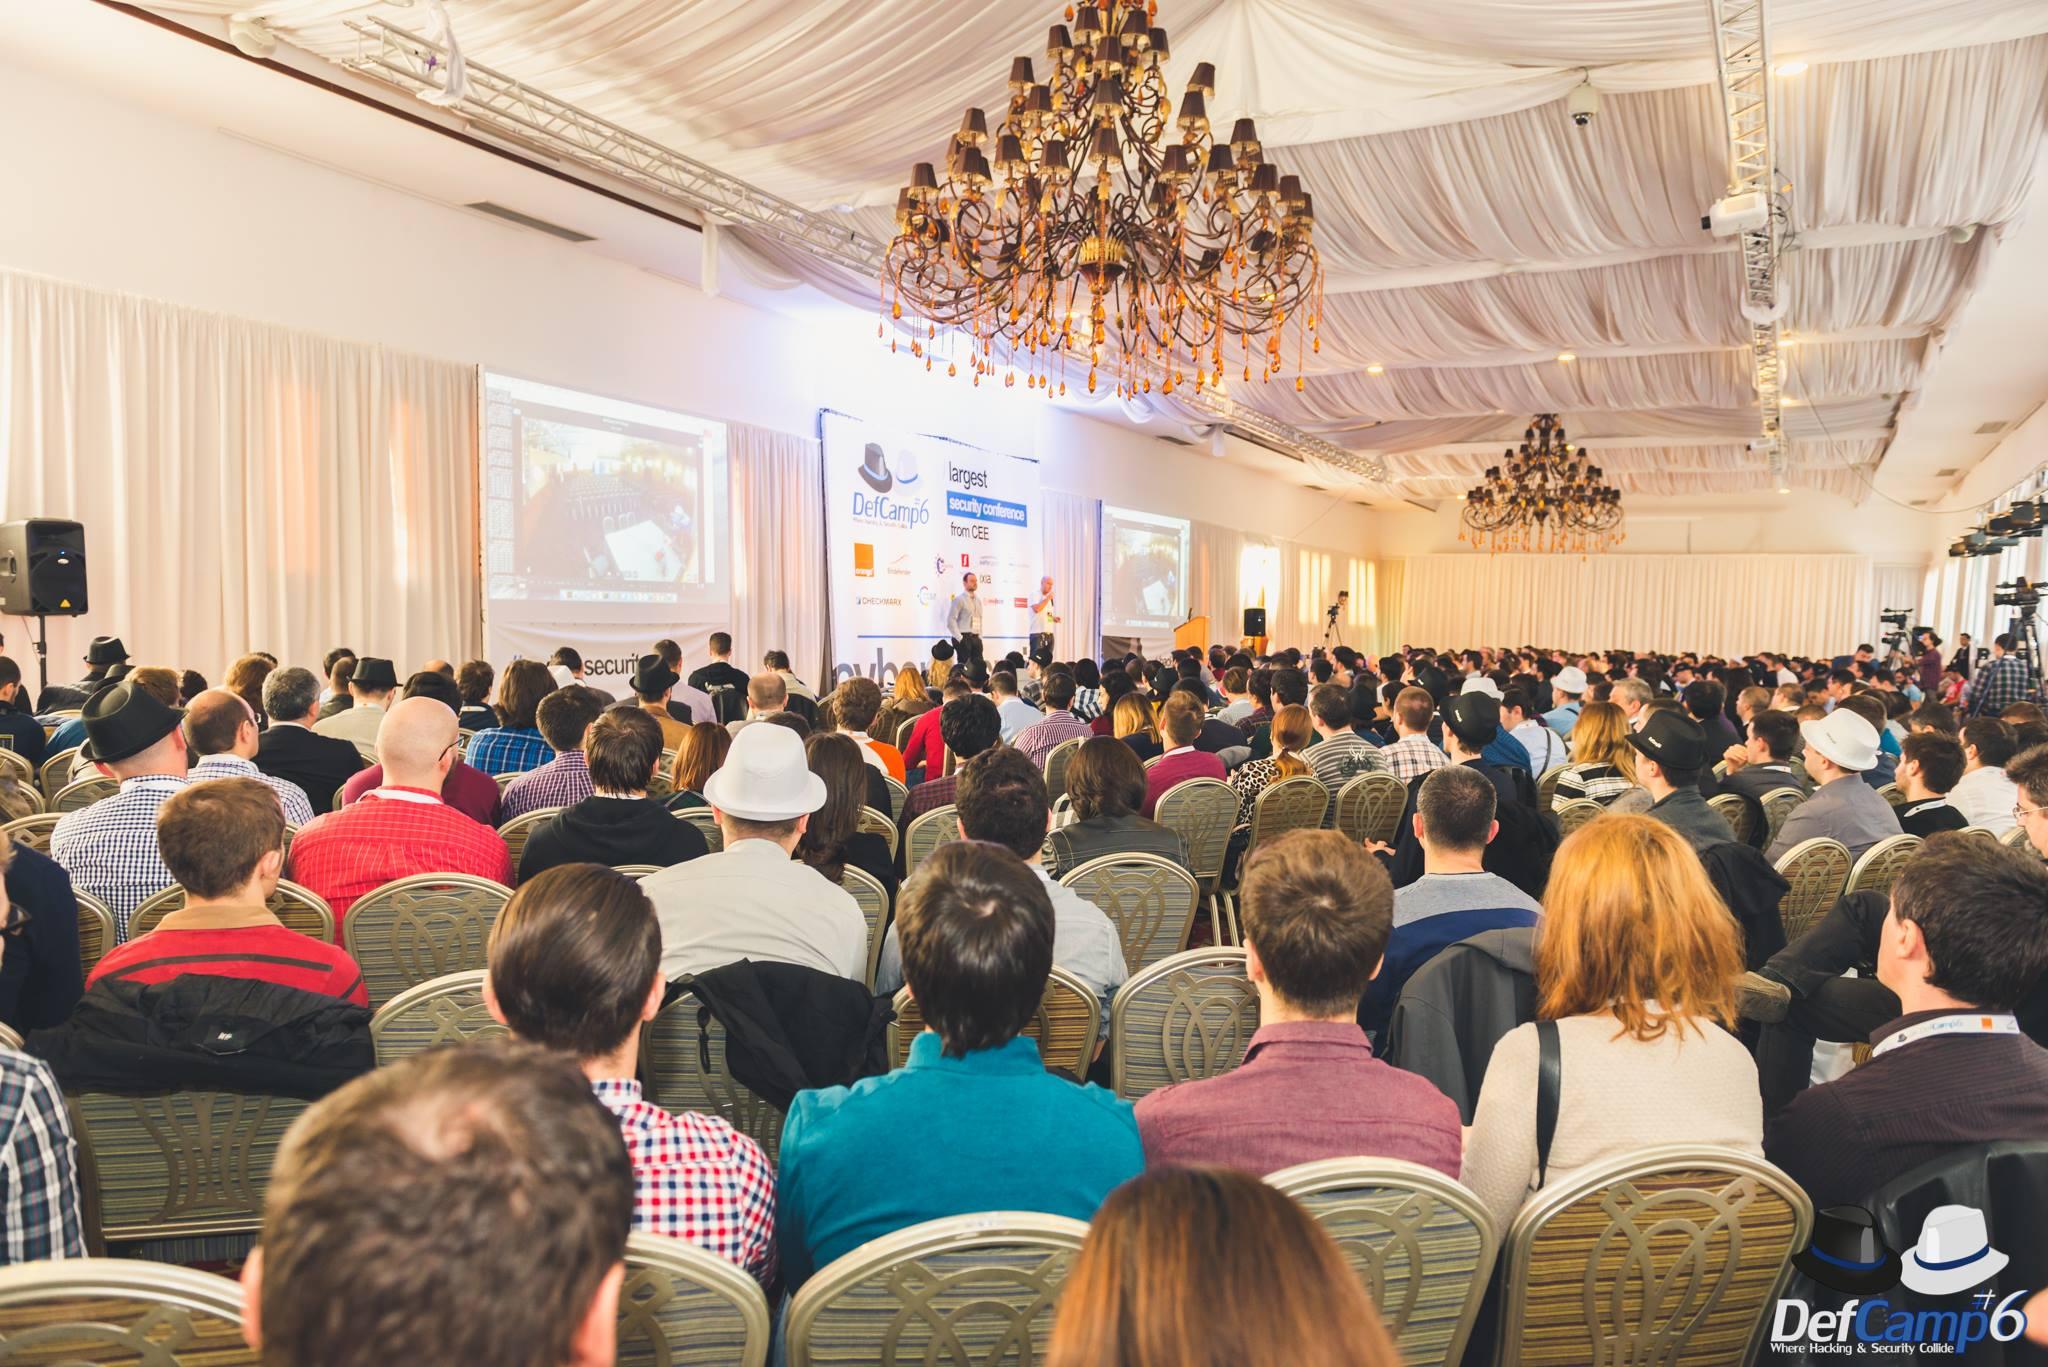 Iventa IT-Recruiting bei der DefCamp 2019